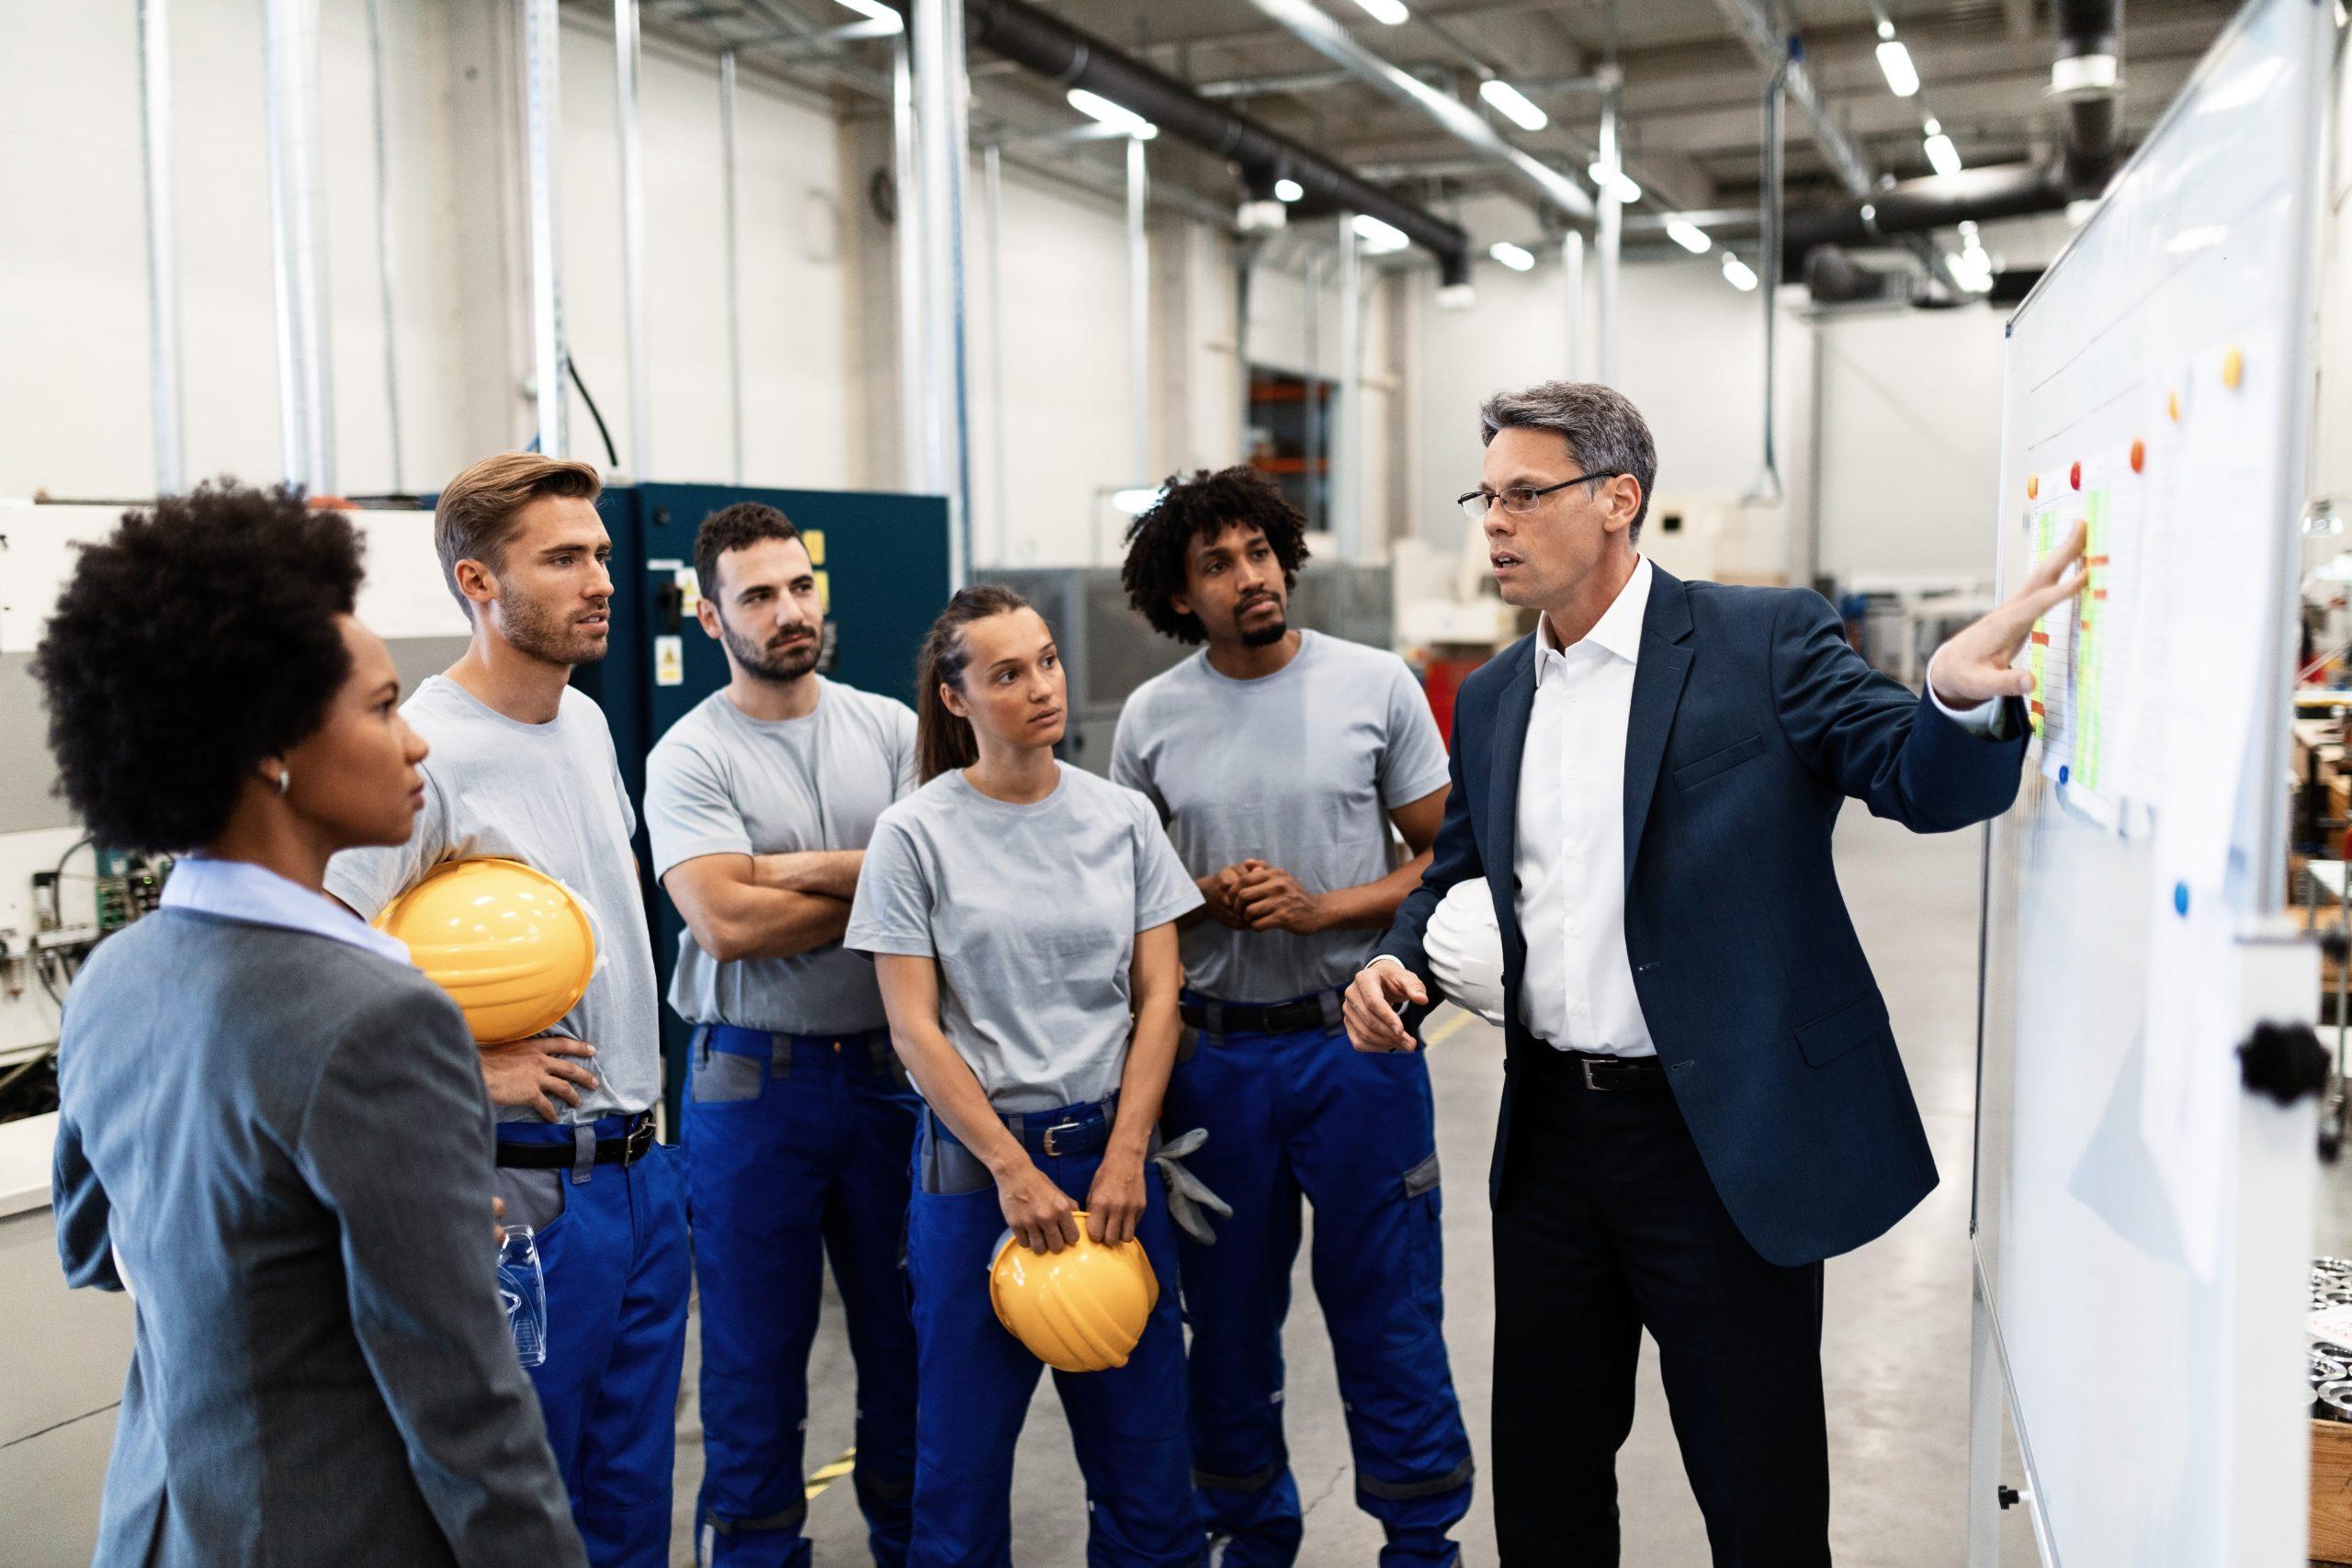 Homme indique un panneau à un groupe de jeune avec des casques de chantier le fonctionnement en mode agile